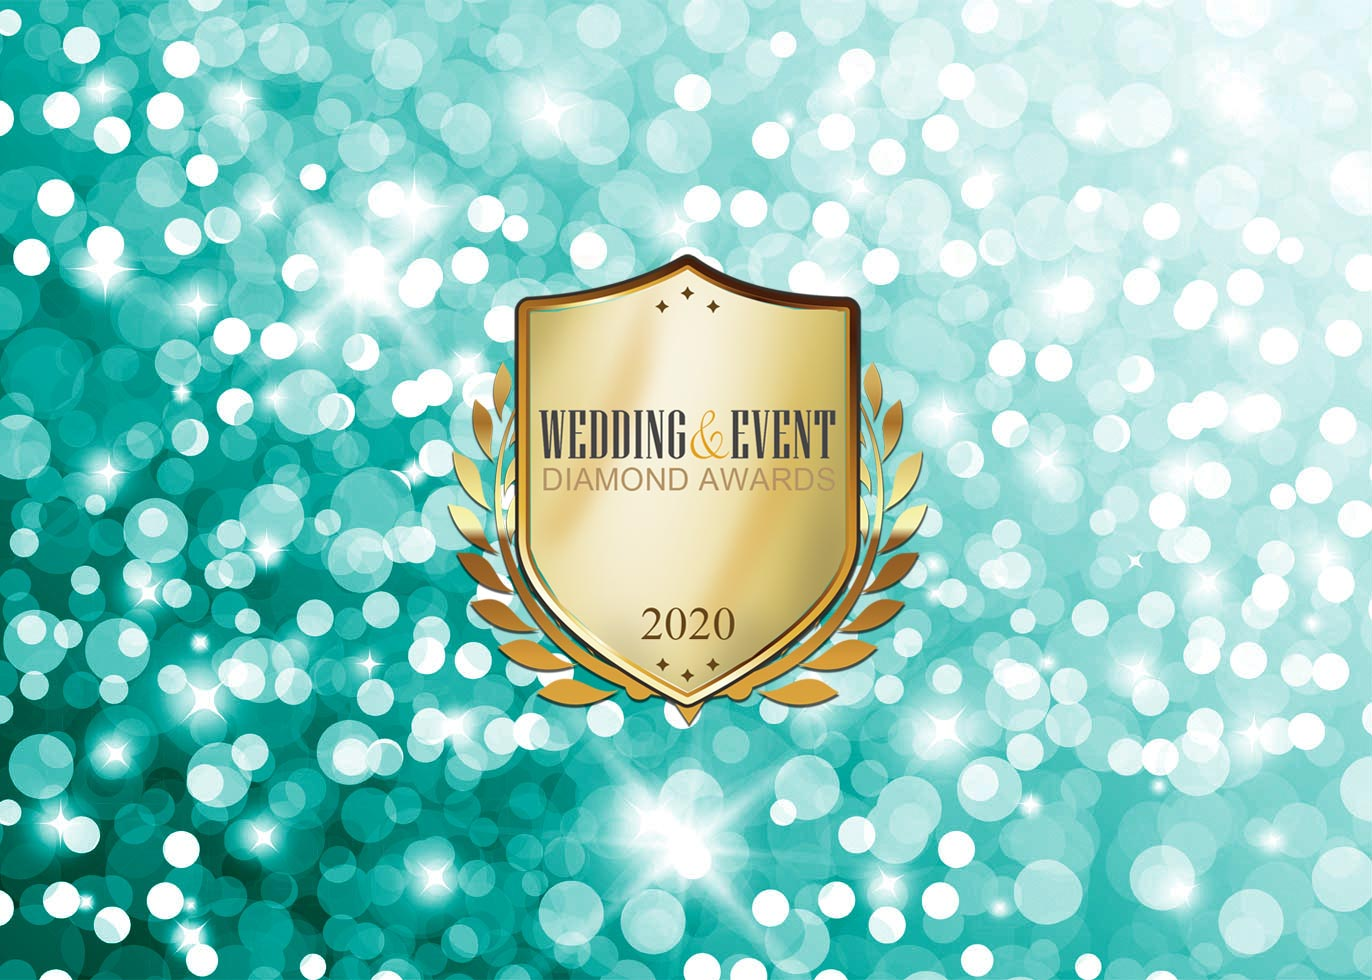 Diamond Awards 2020